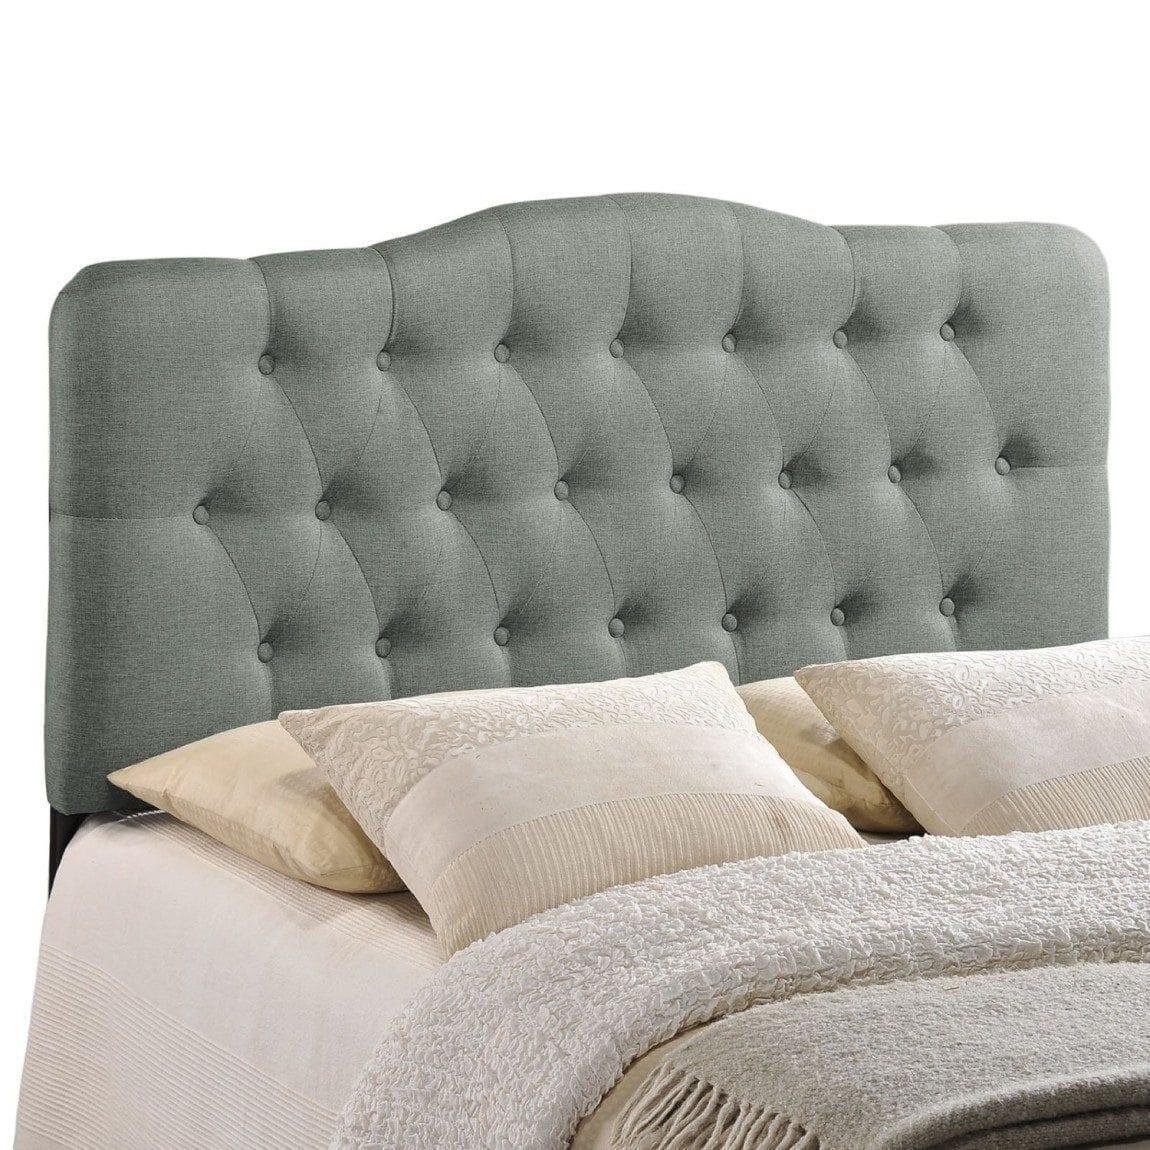 LexMod Annabel Fabric Headboard, Full, Gray